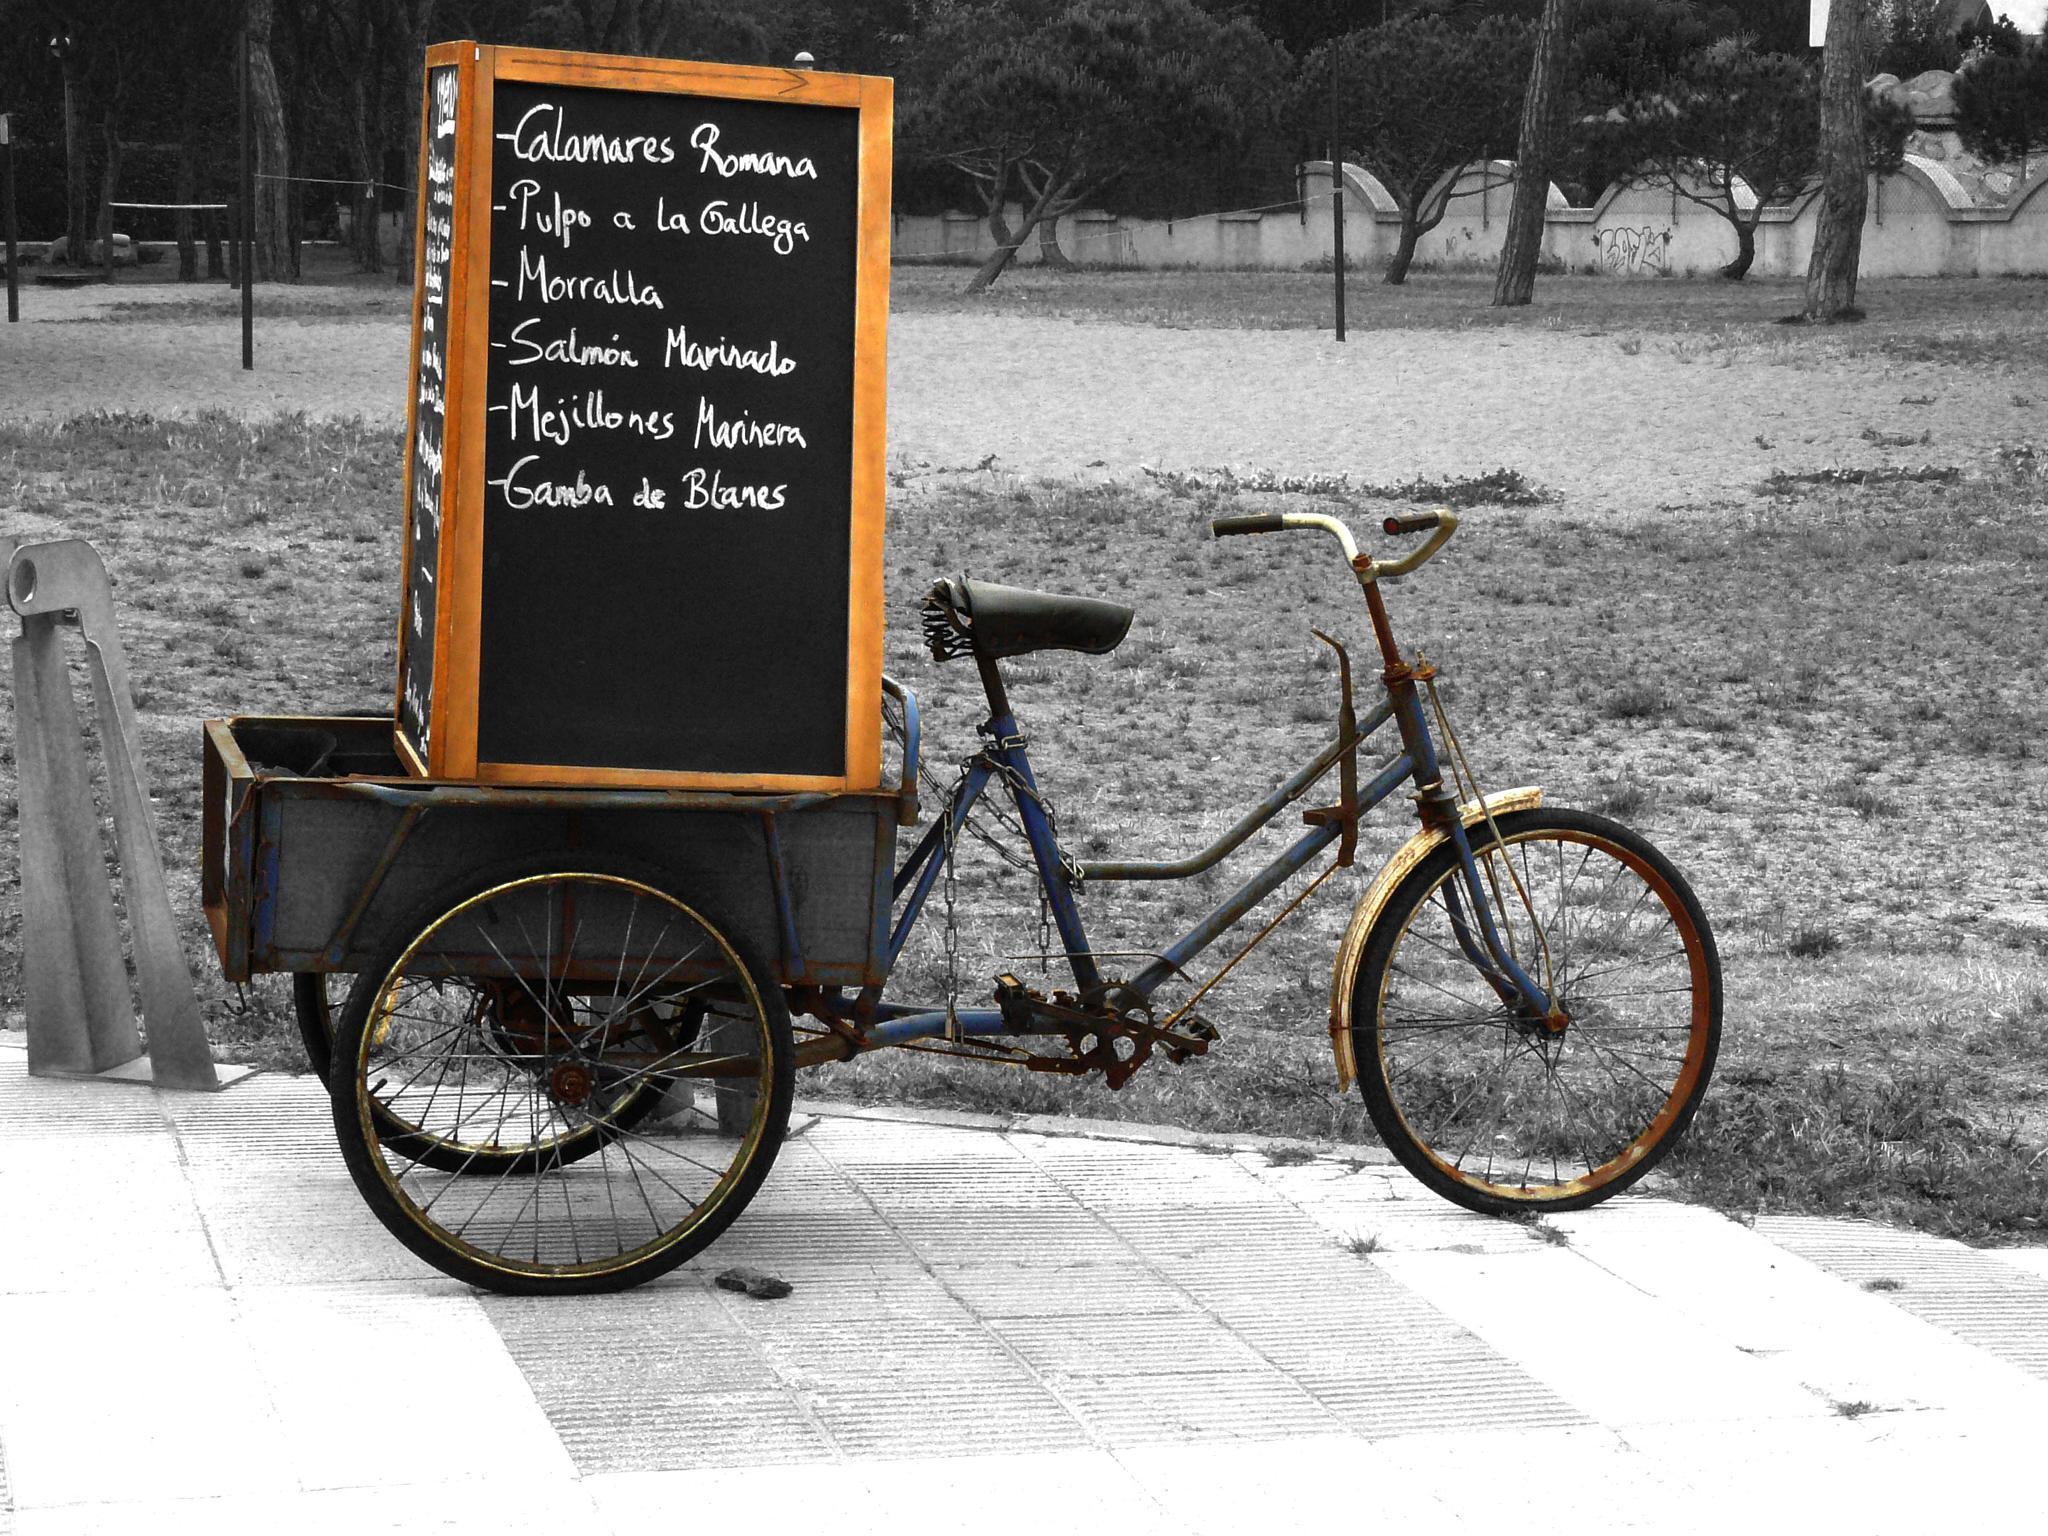 Ads on Wheels by Robert Julian